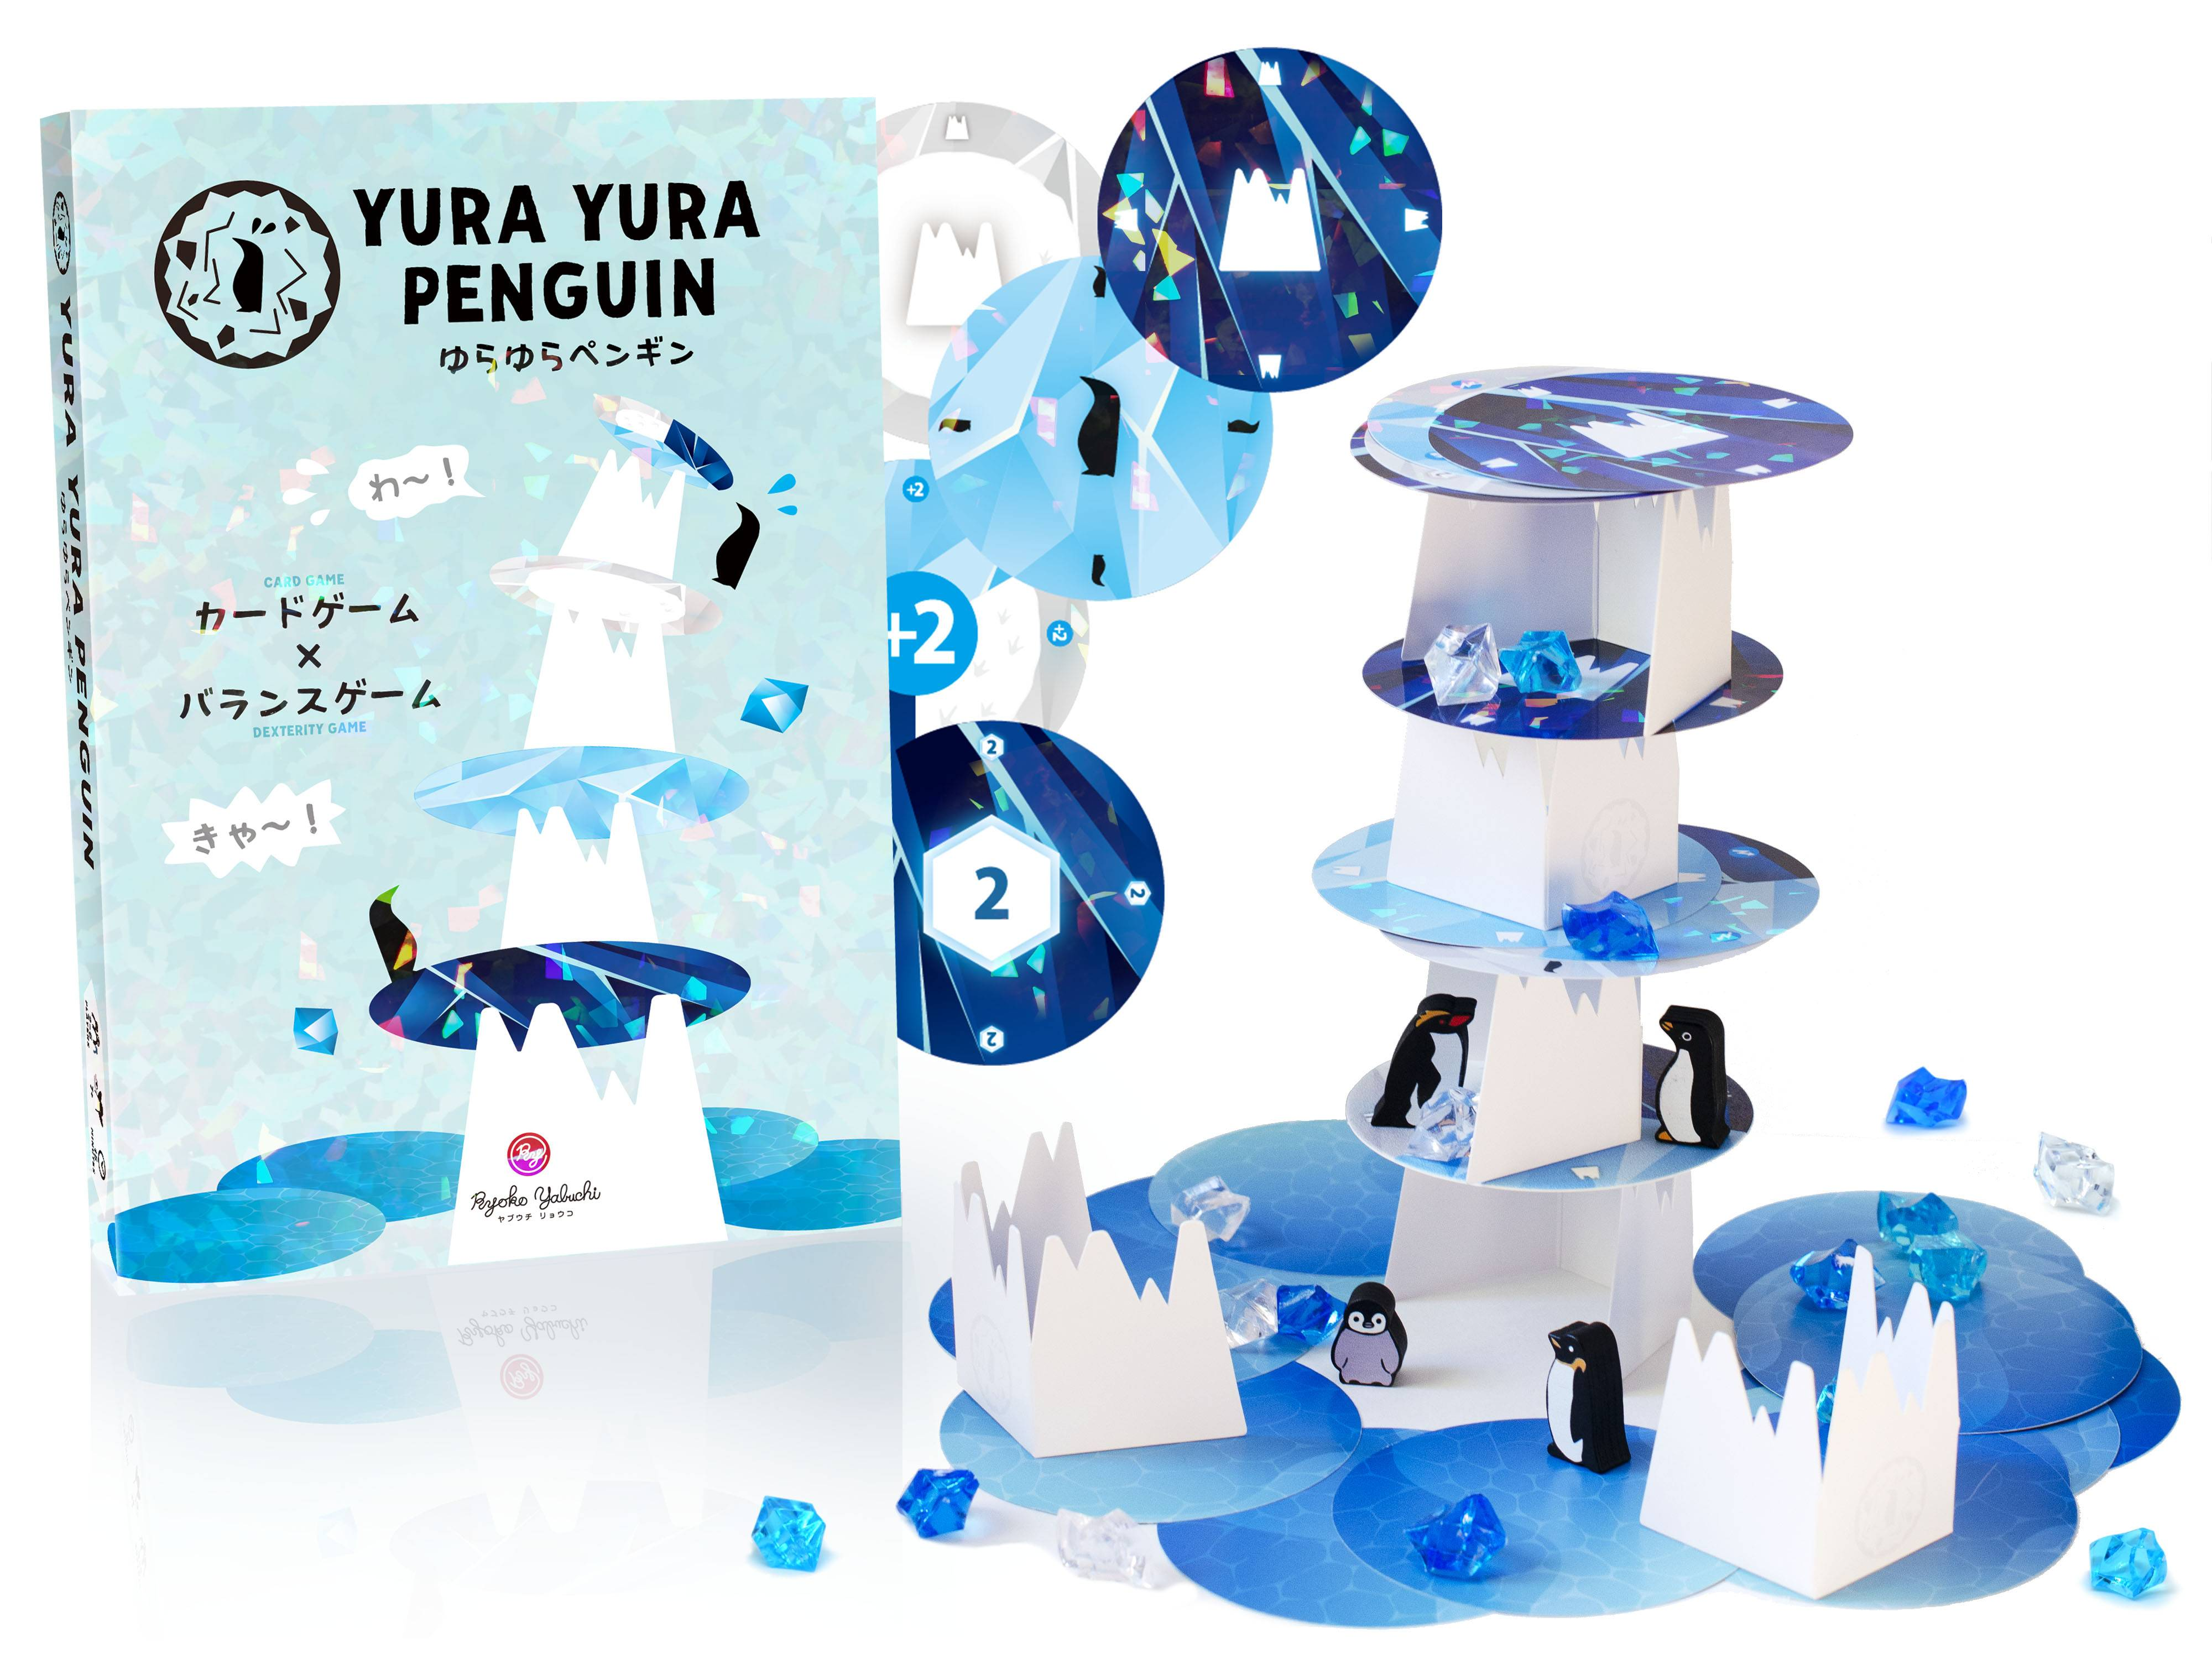 クラウドファンディングで2276%を達成した、カードゲーム×バランスゲーム、ゆらゆらペンギン 新版、発売開始!